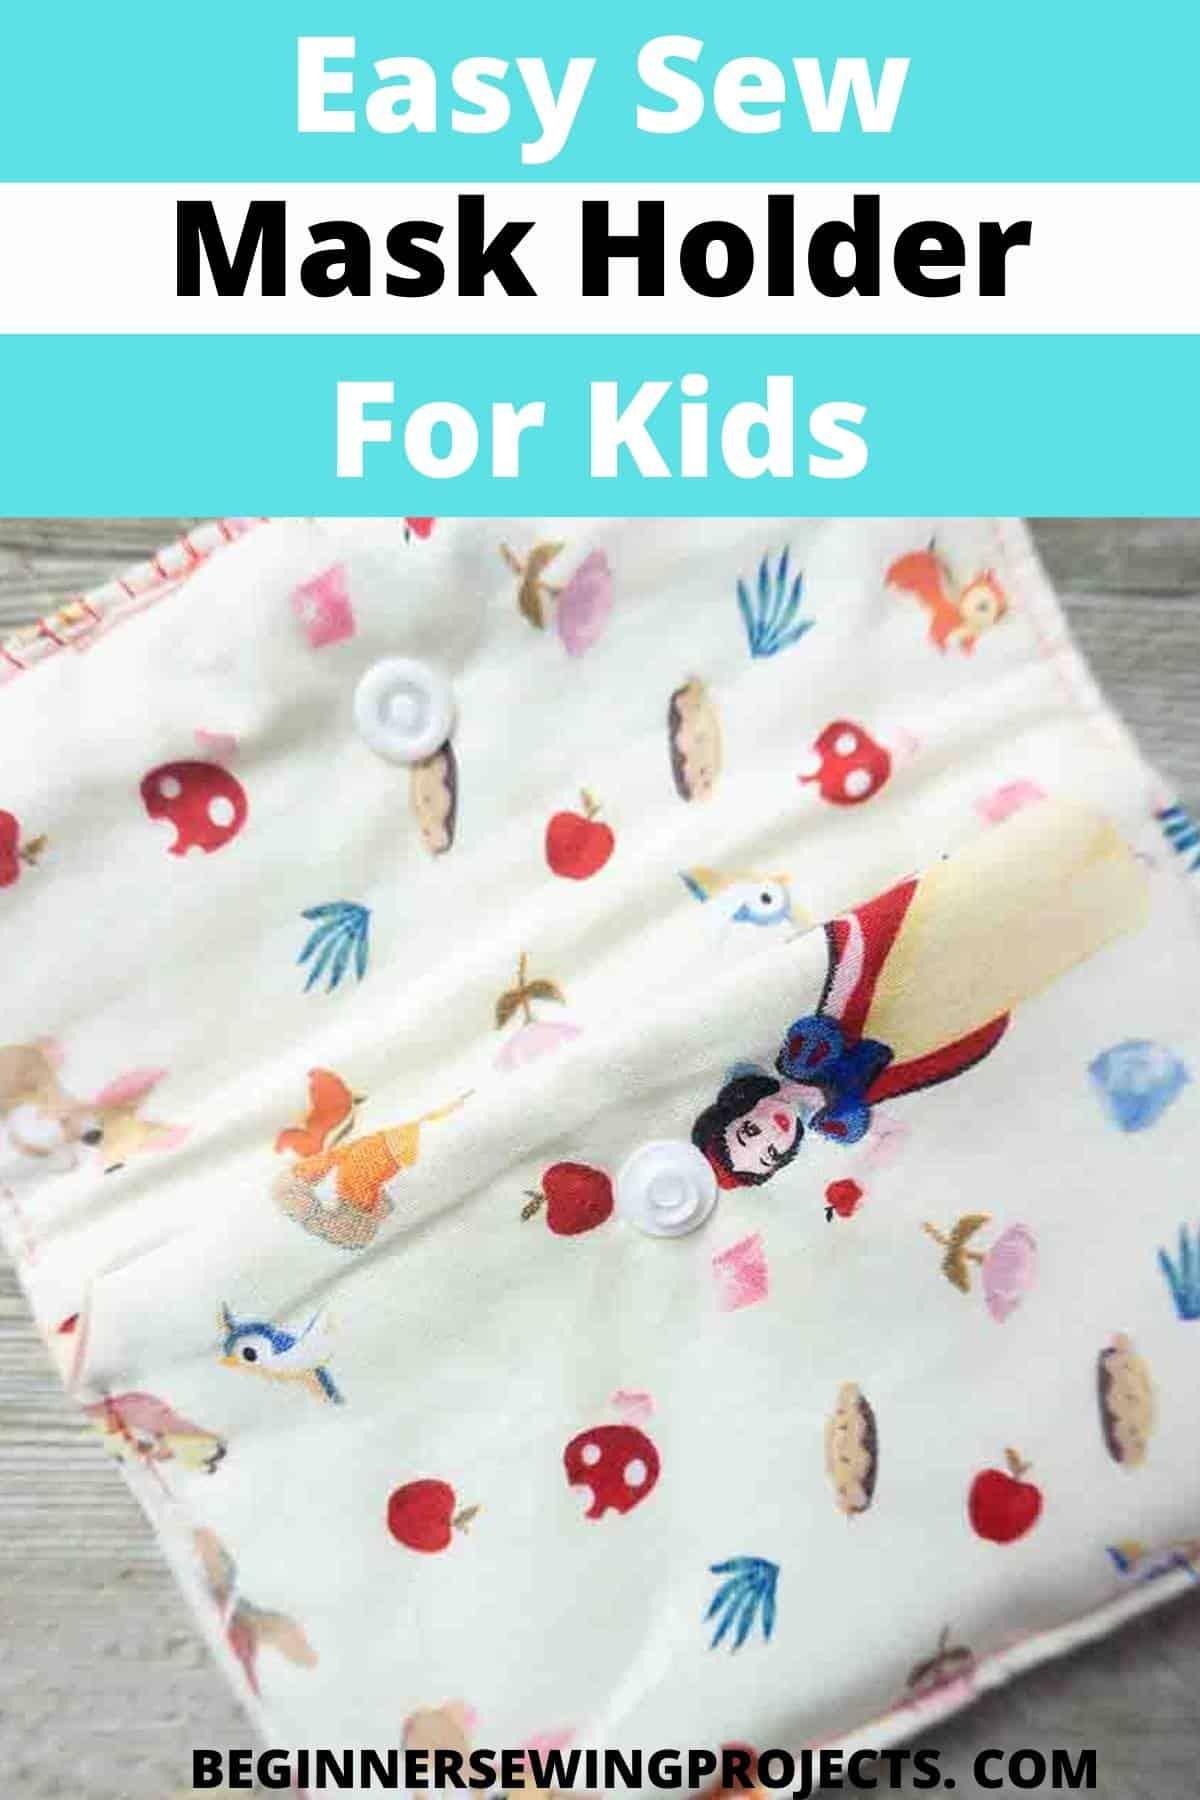 Easy Sew Mask Holder For Kids!